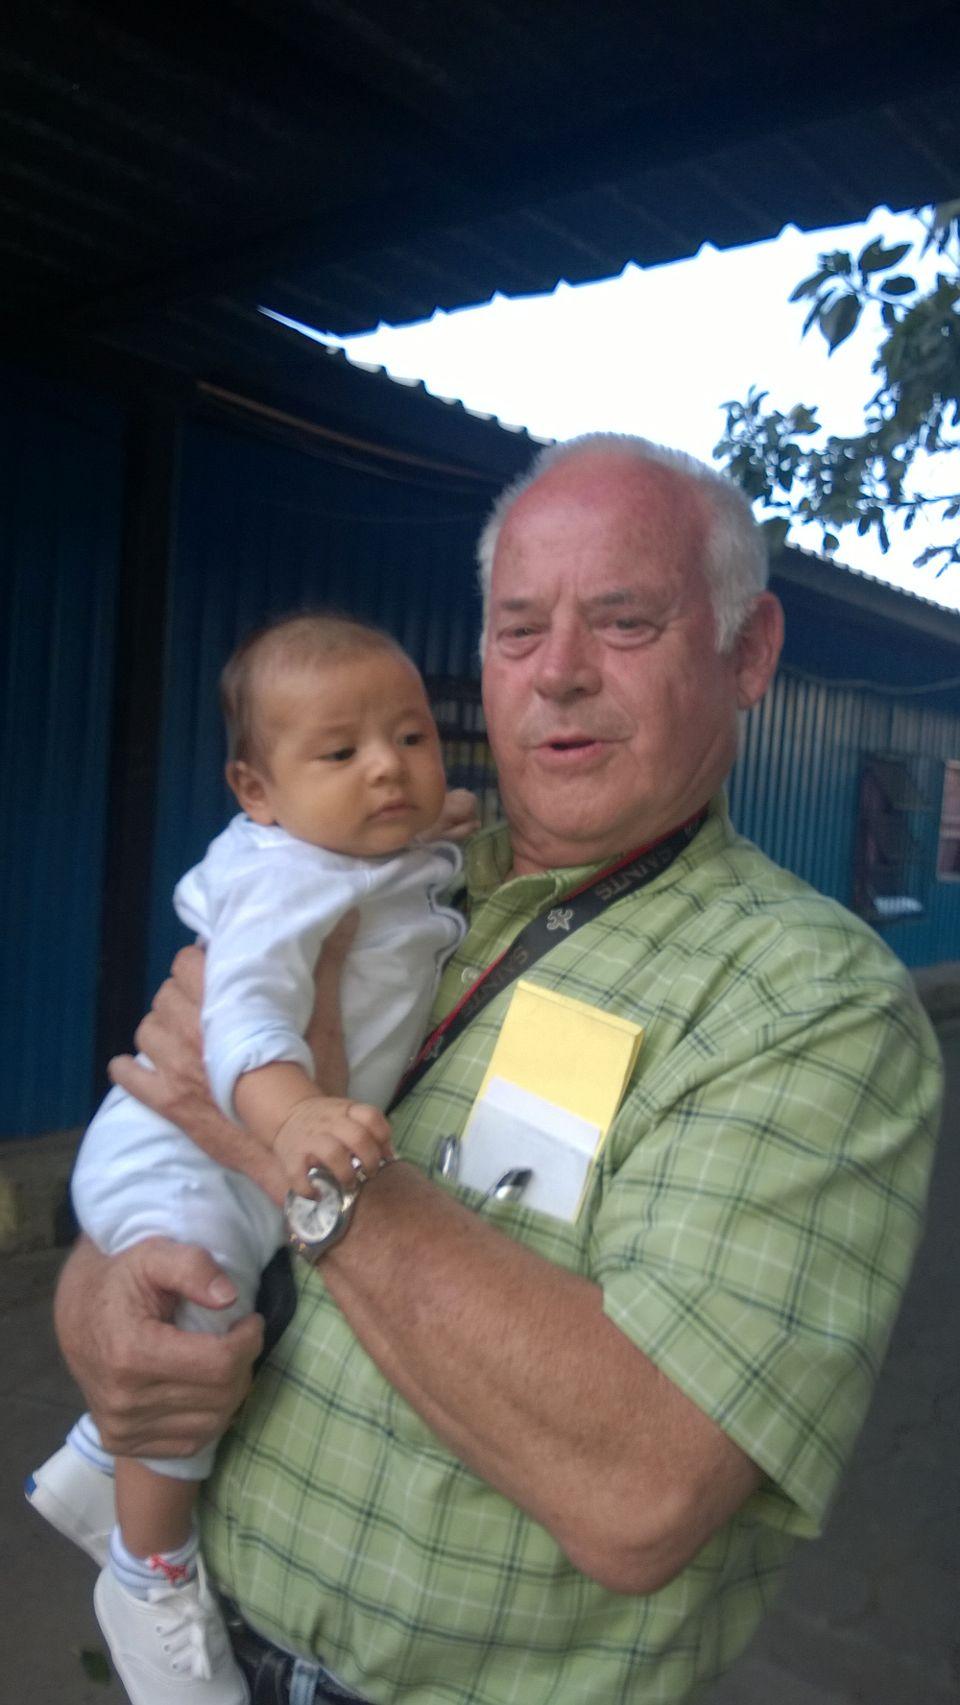 Grandpaw with Javi, the son of Josue' and Estella.